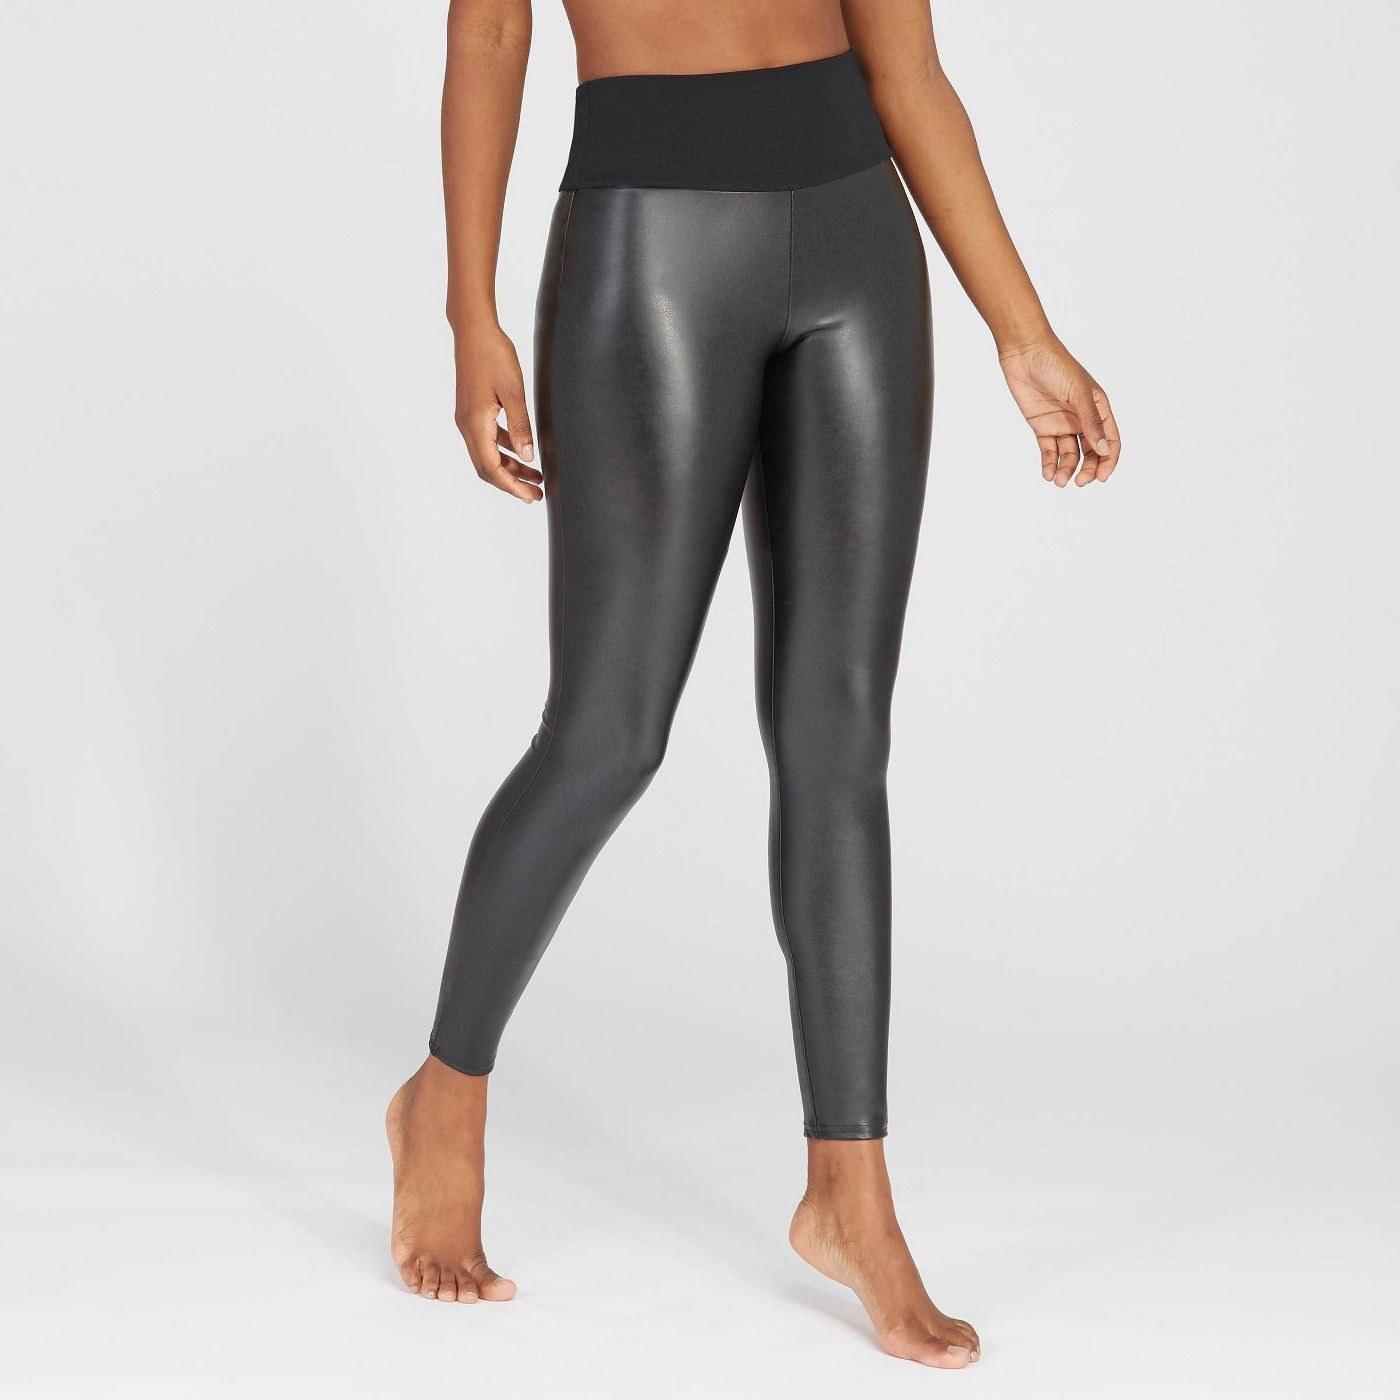 Model in black faux leather leggings